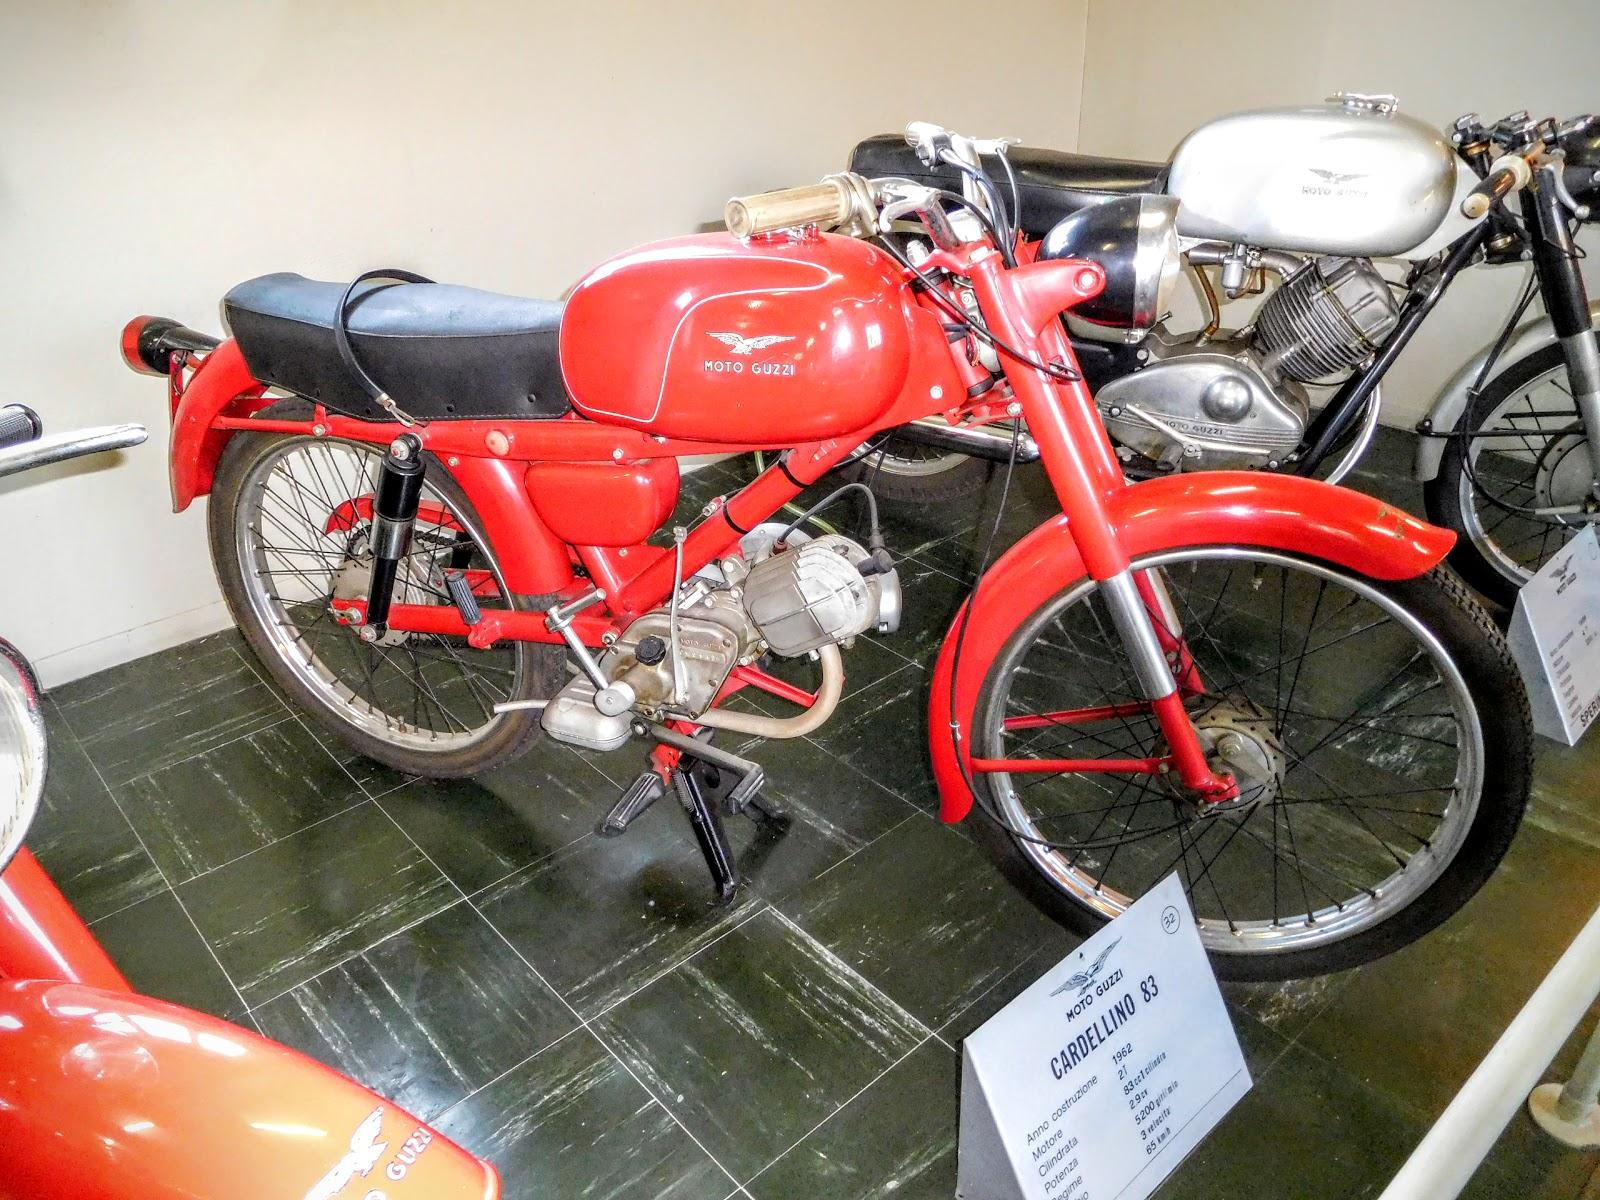 Tigho NYDucati: 1962 Moto Guzzi Cardellino 83